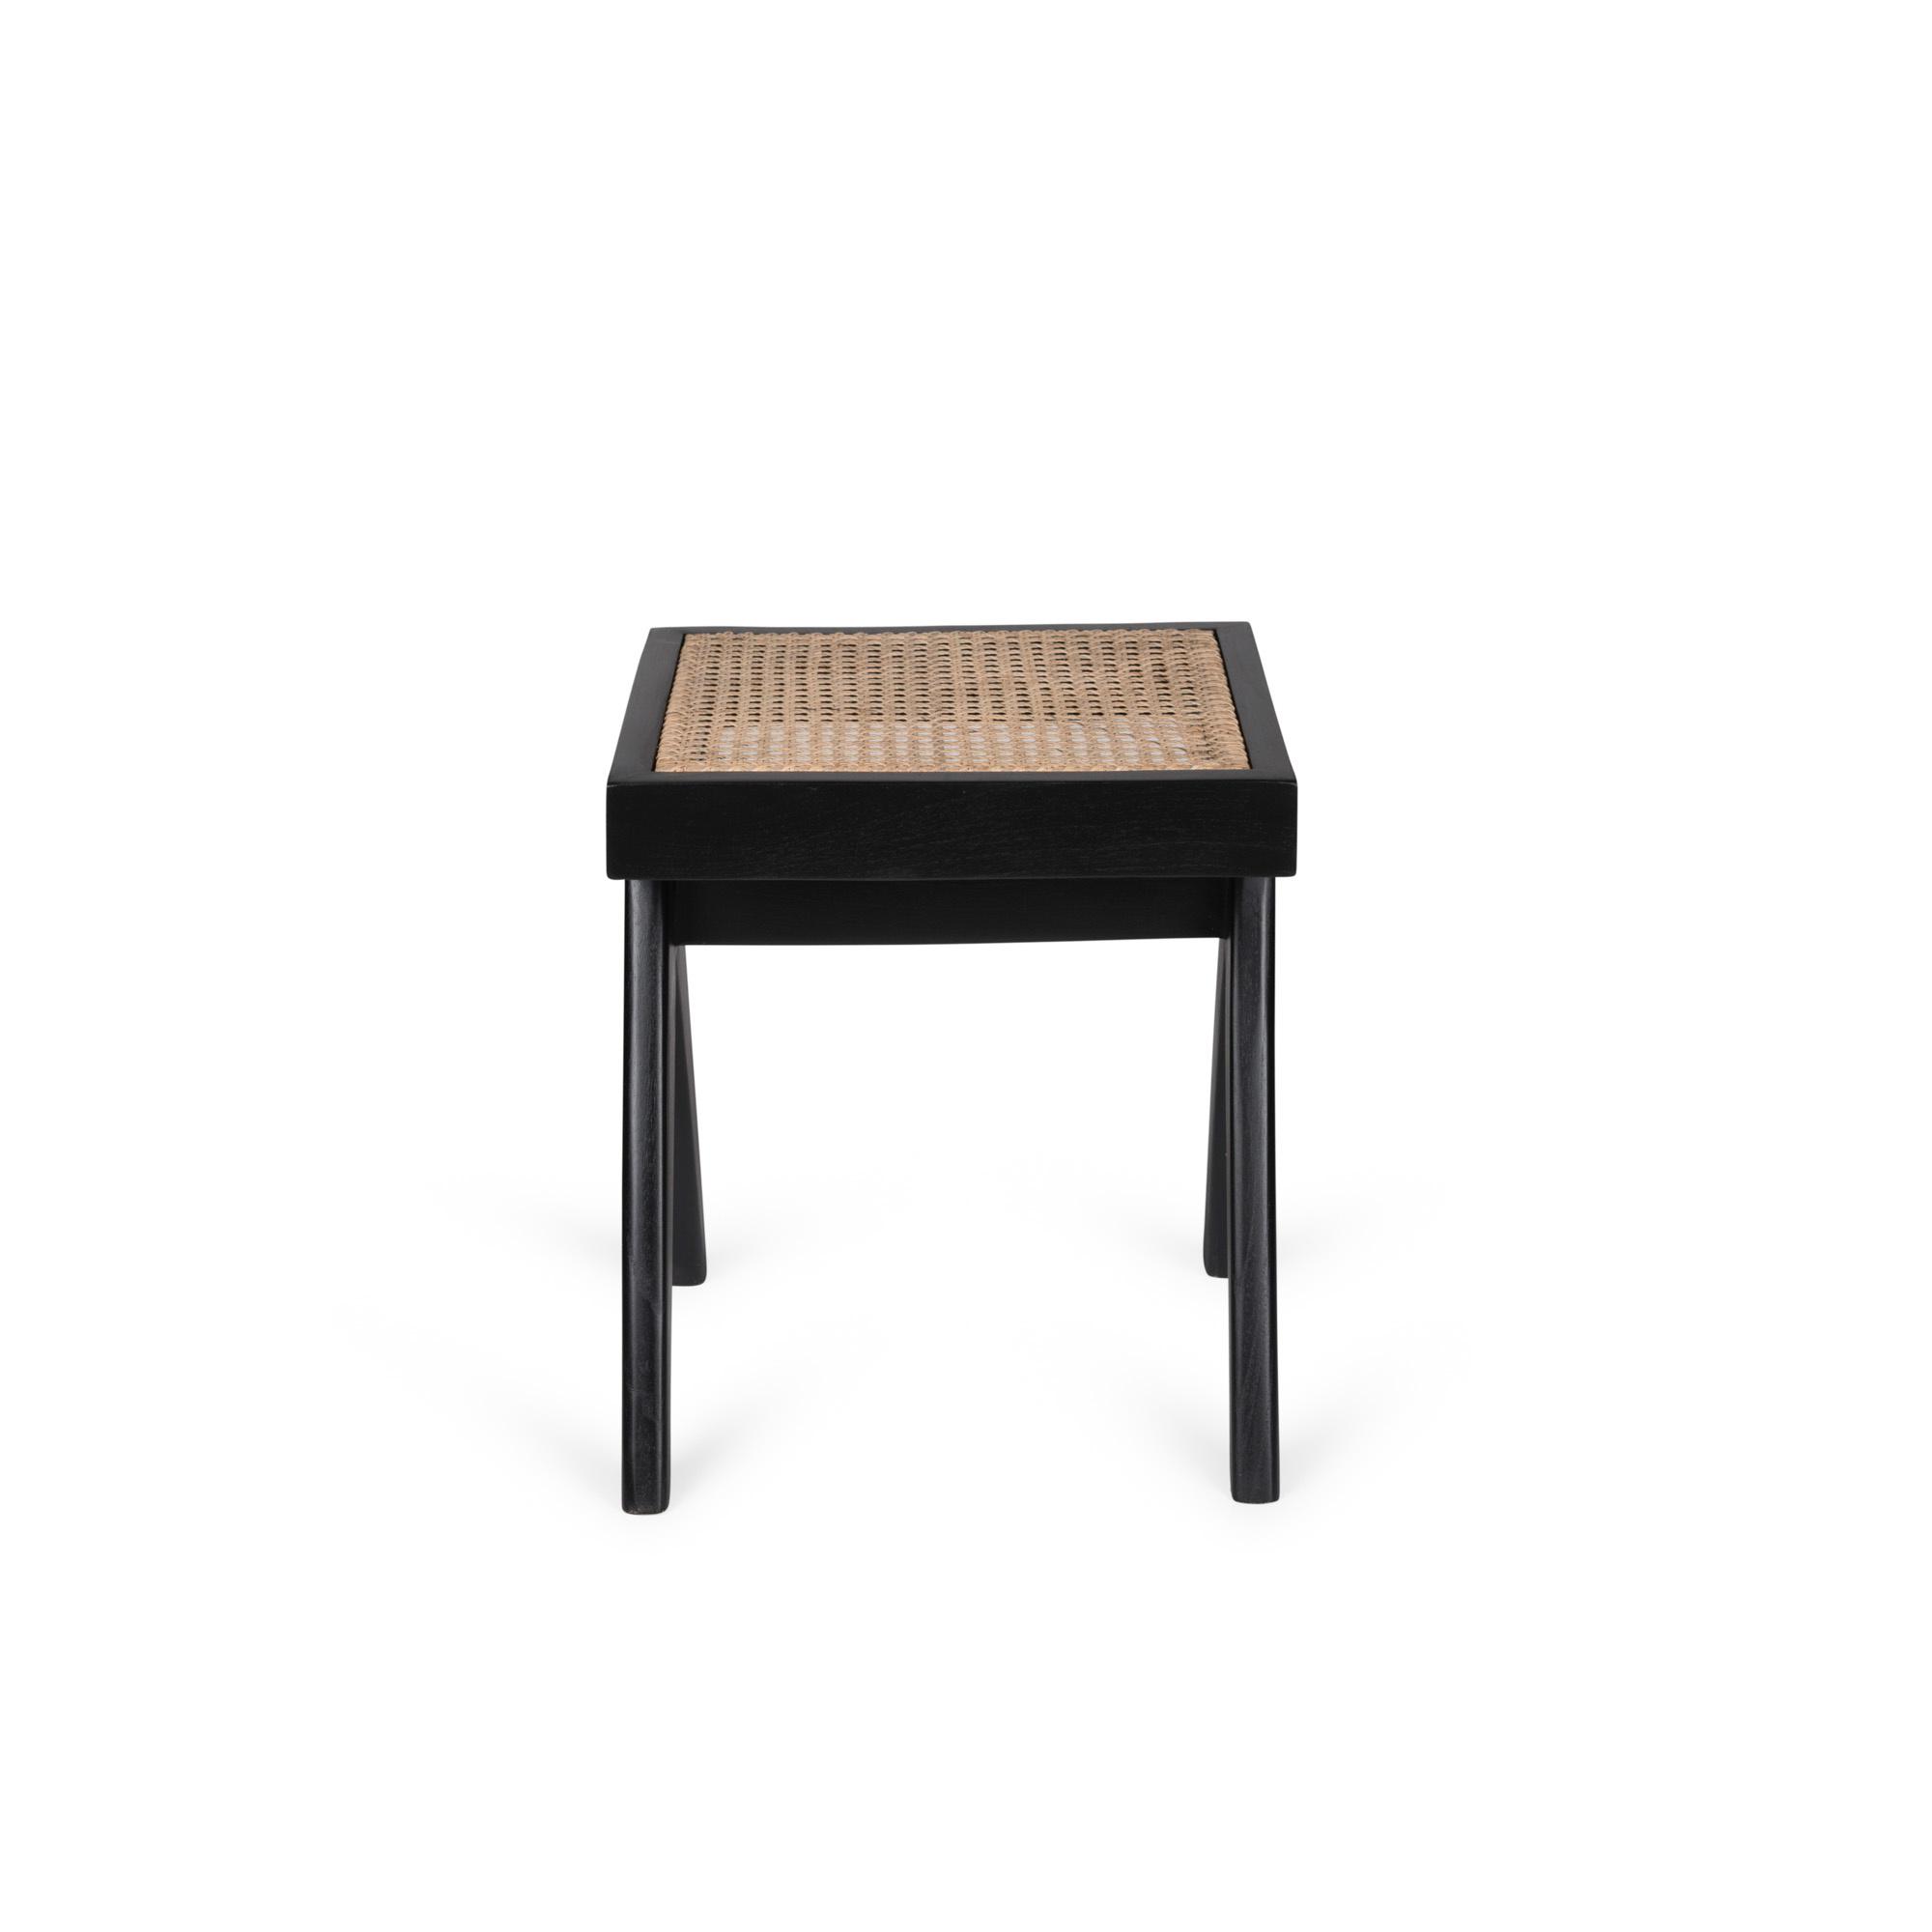 Bench / B.T.H. Flats 1 - Charcoal Black-3